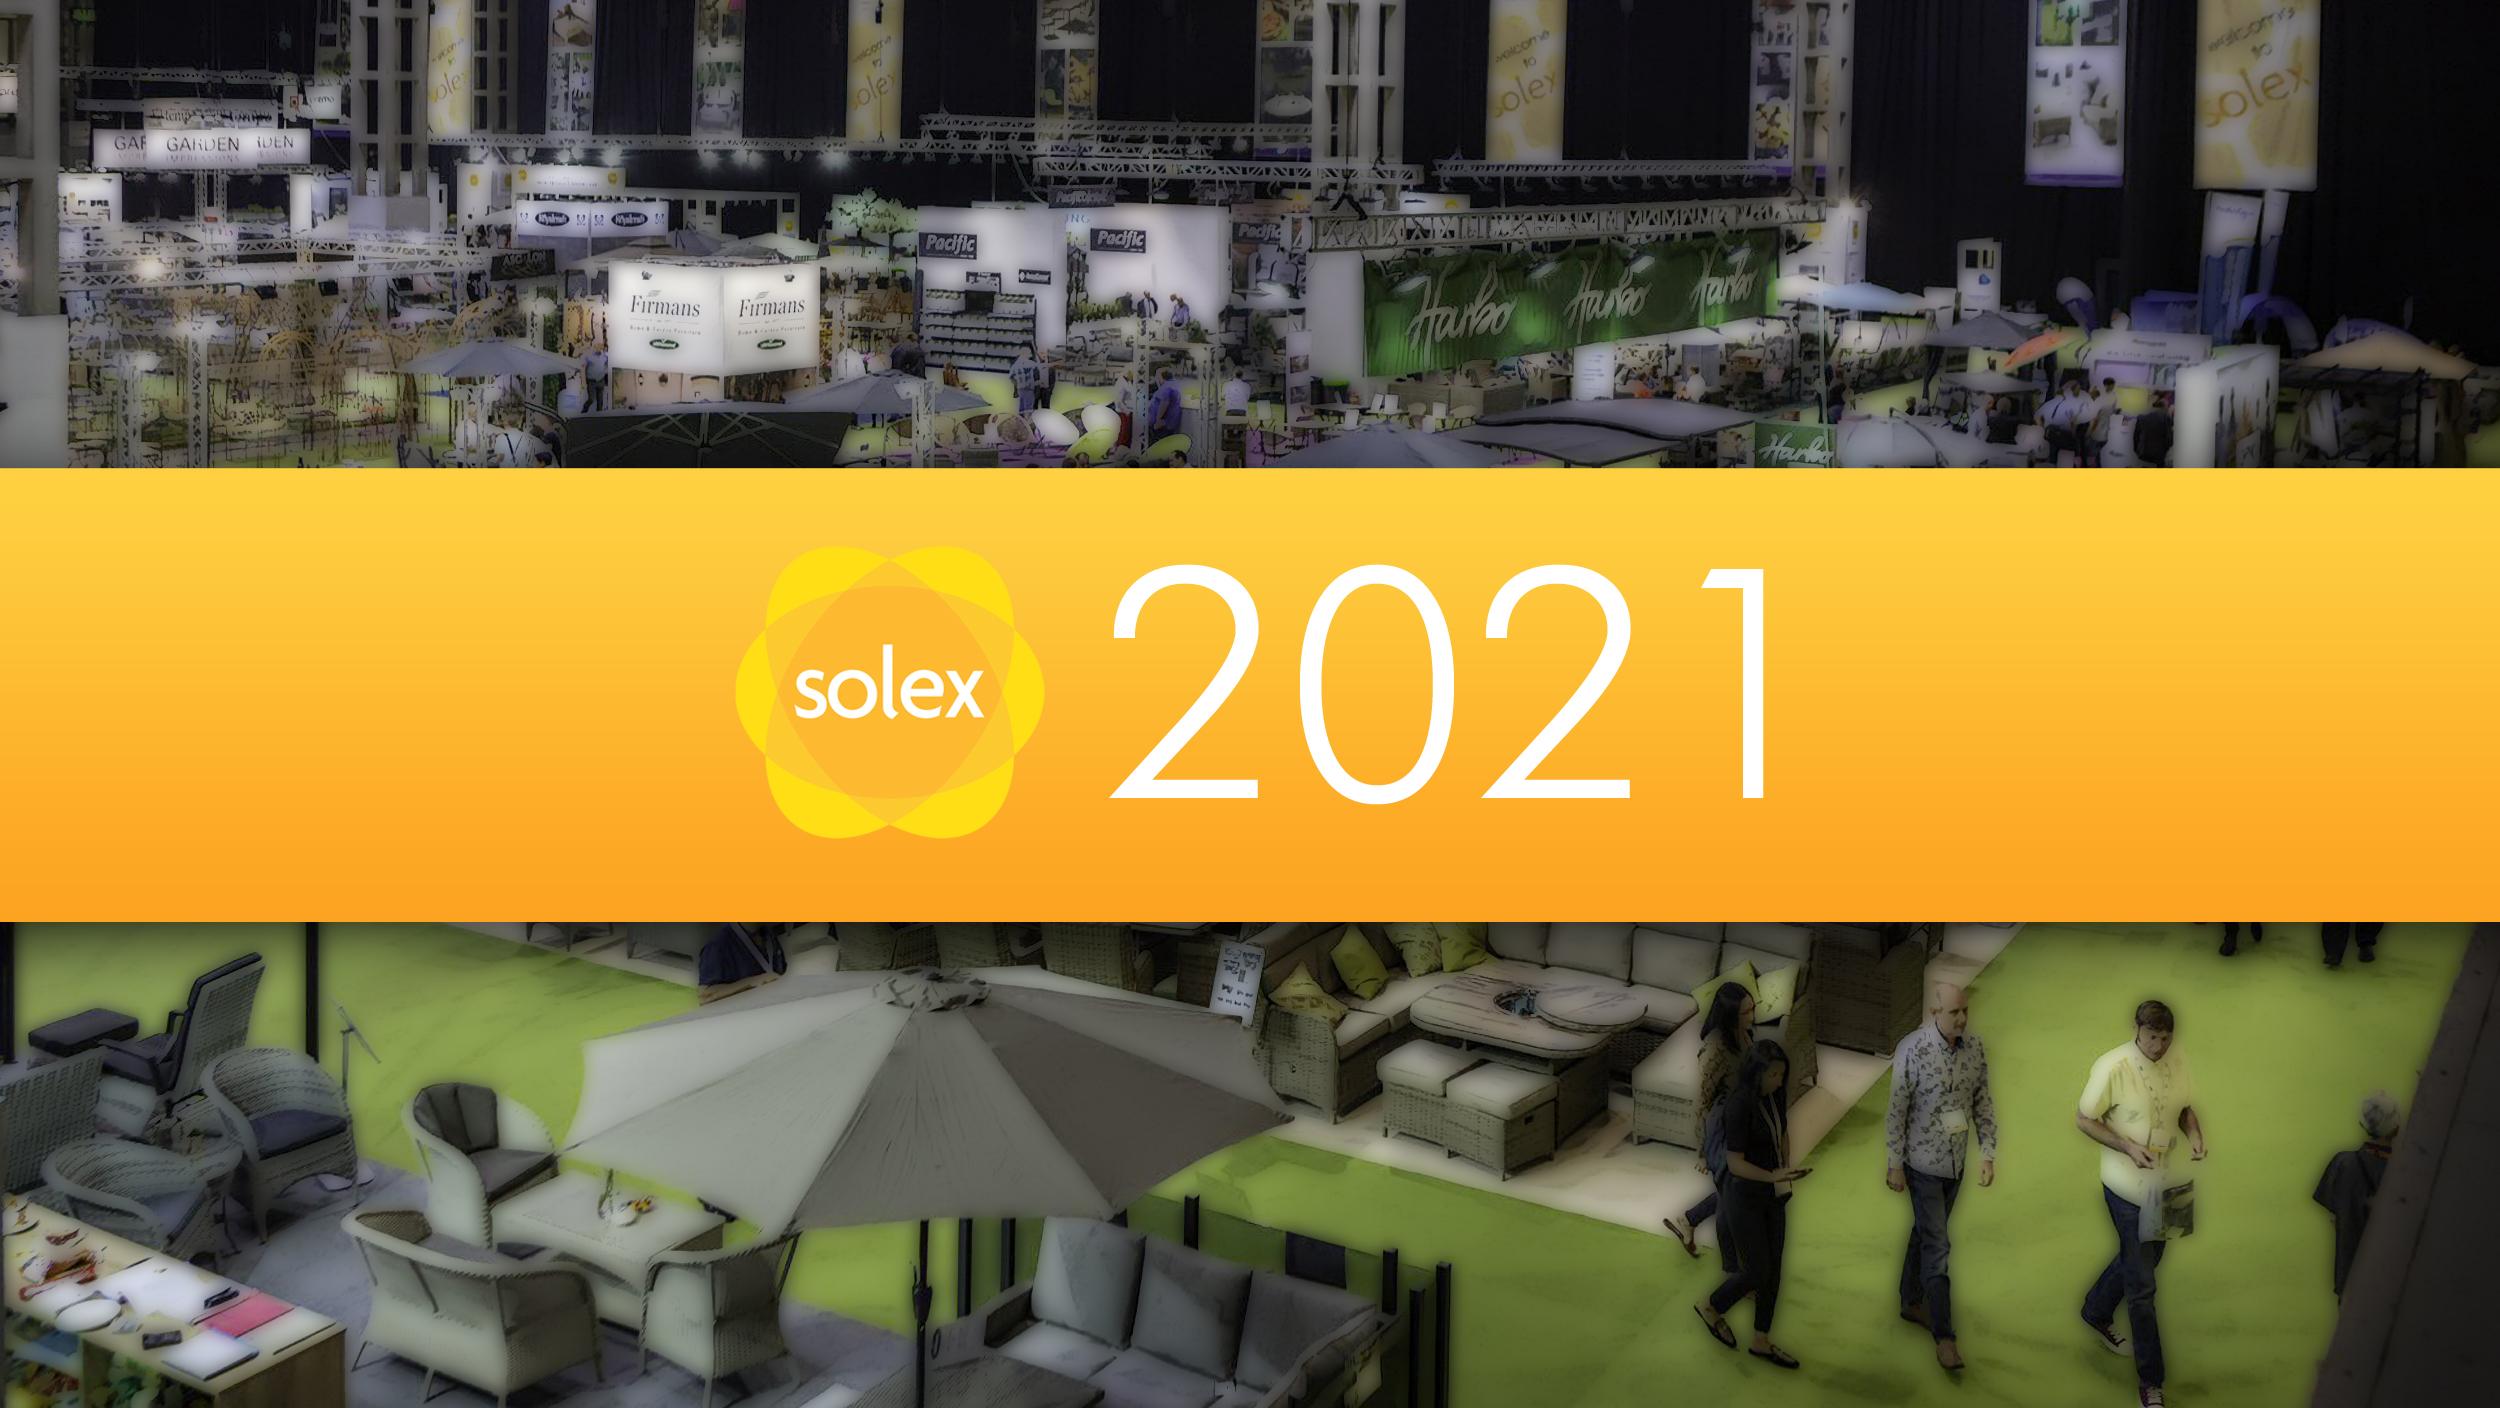 SOLEX 2021